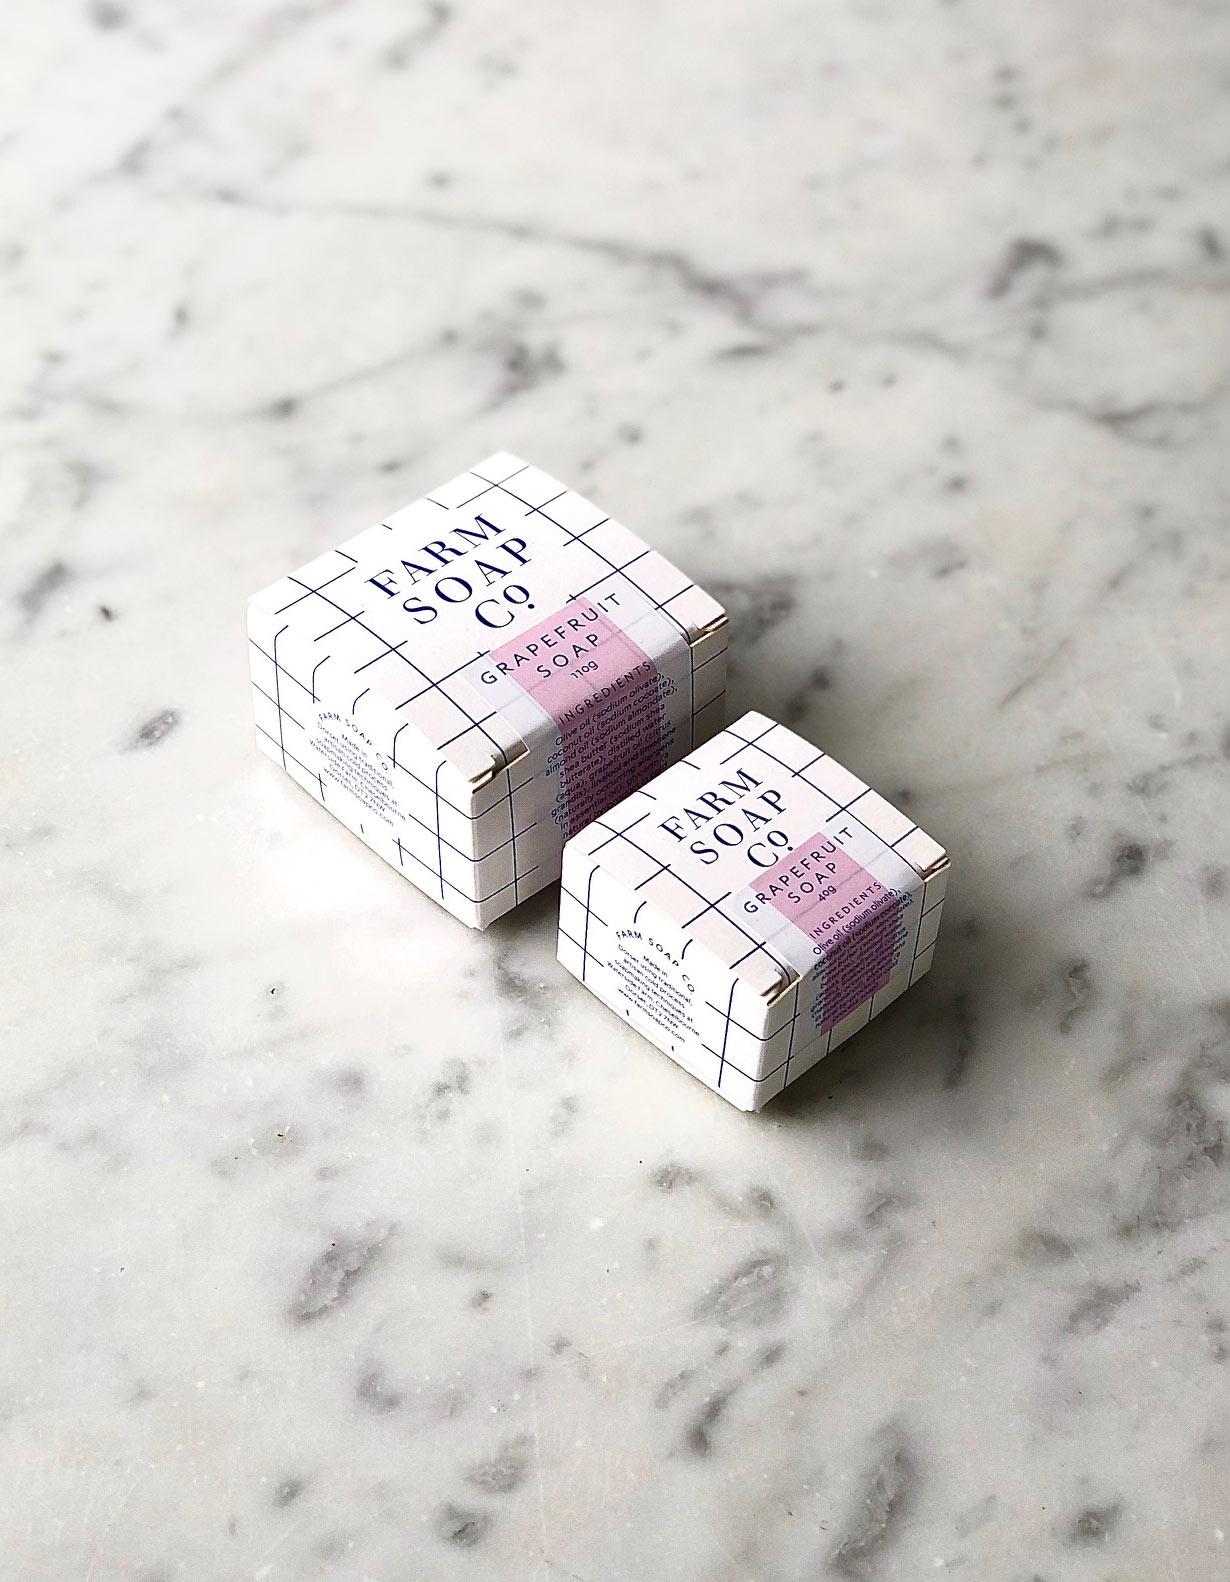 Farm Soap Co. - Grapefruit soap